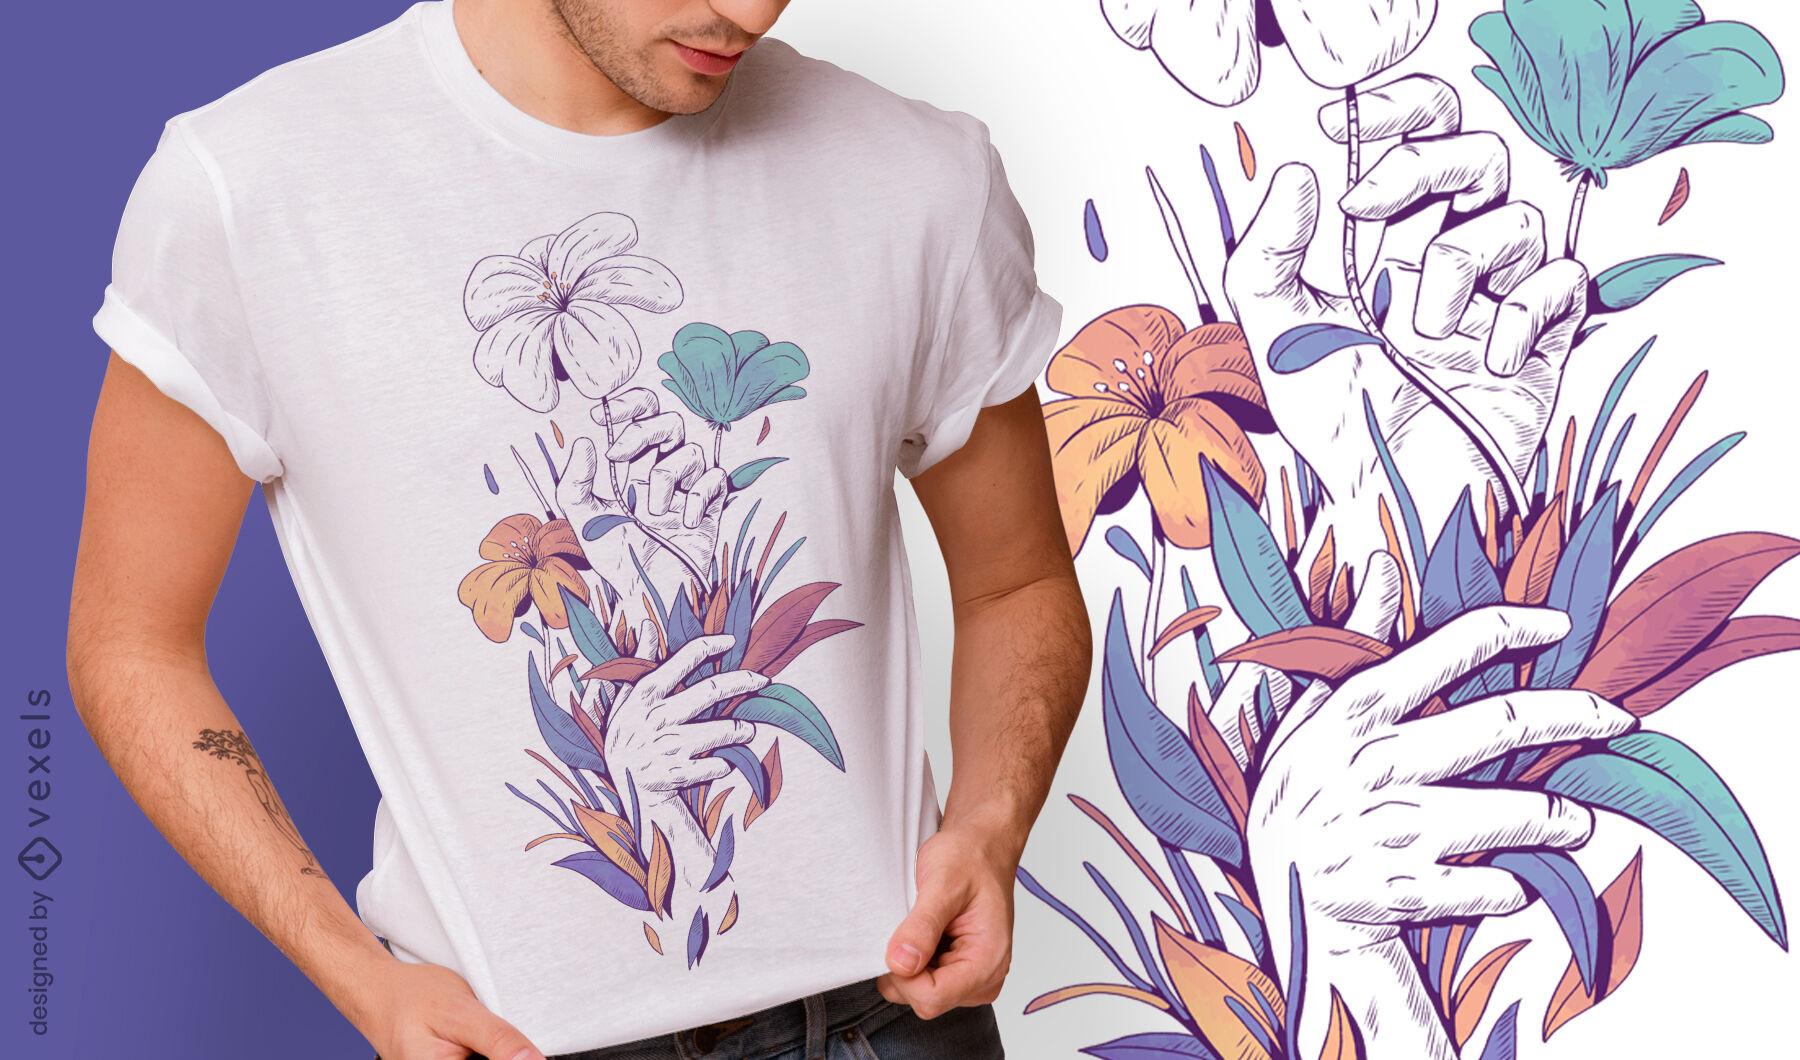 Manos con flores y hojas diseño de camiseta psd.